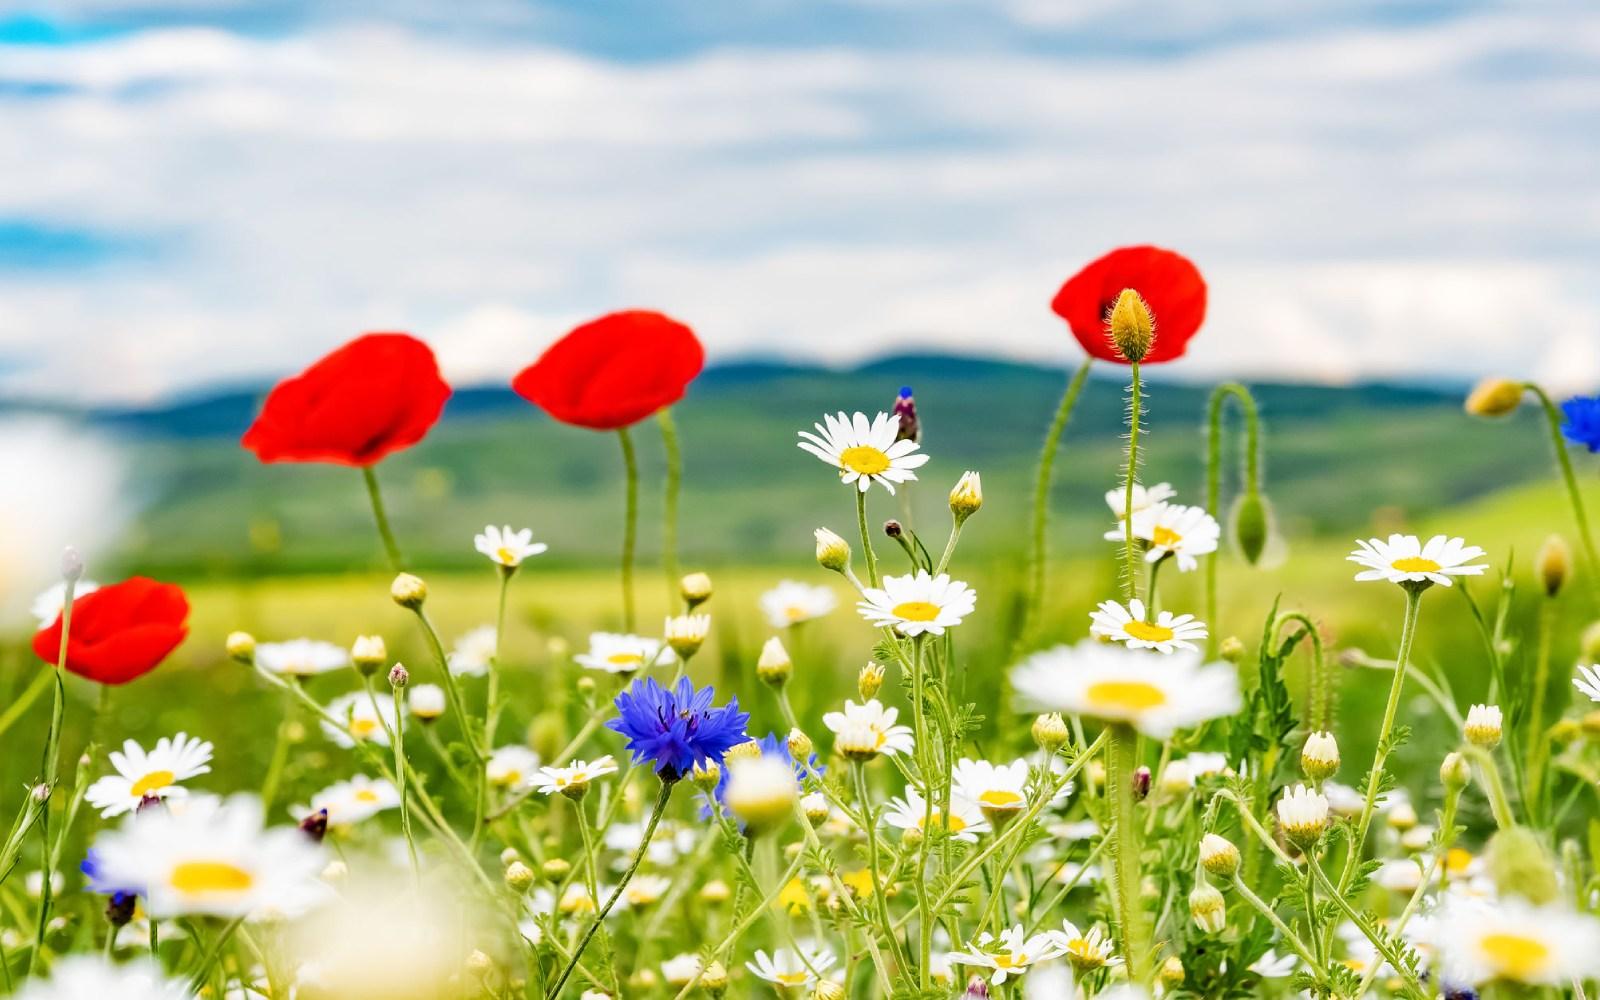 12 flores silvestres para disfrutar de la primavera